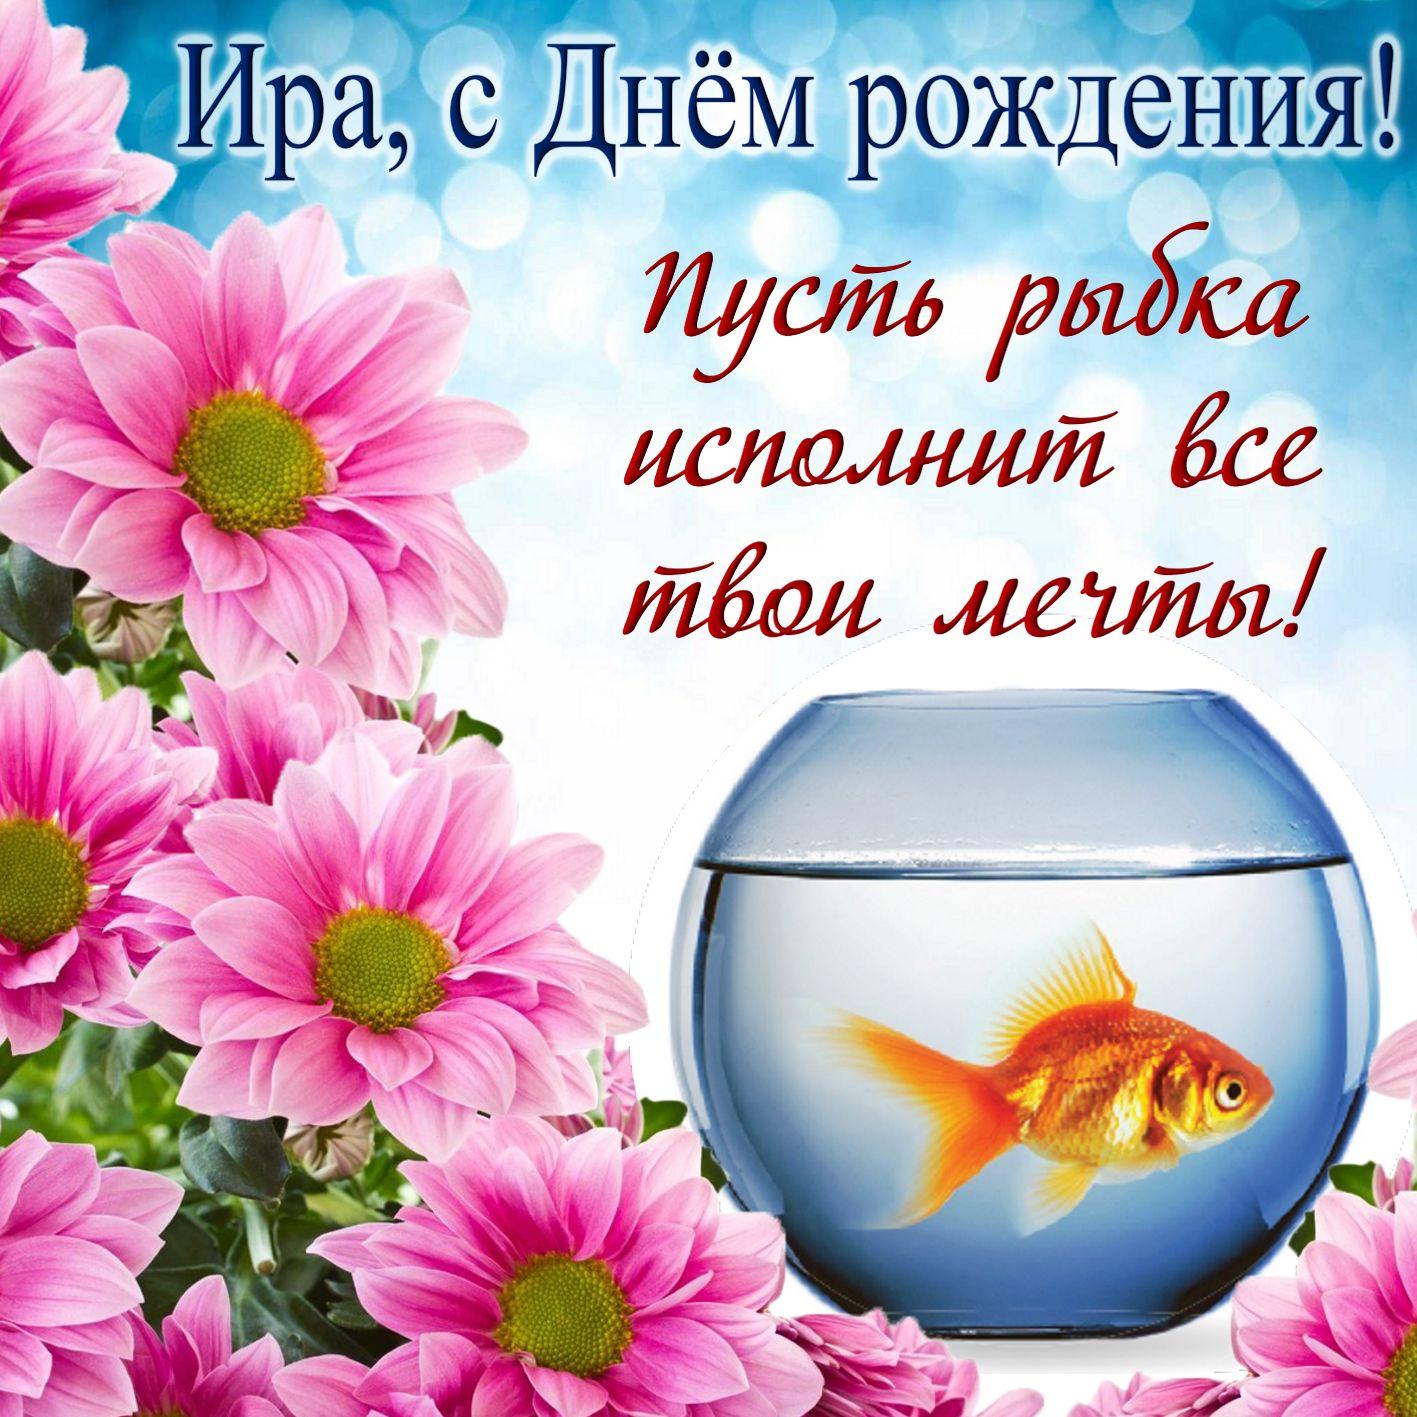 Открытка с Днем рождения Ирине - золотая рыбка исполняющая желания